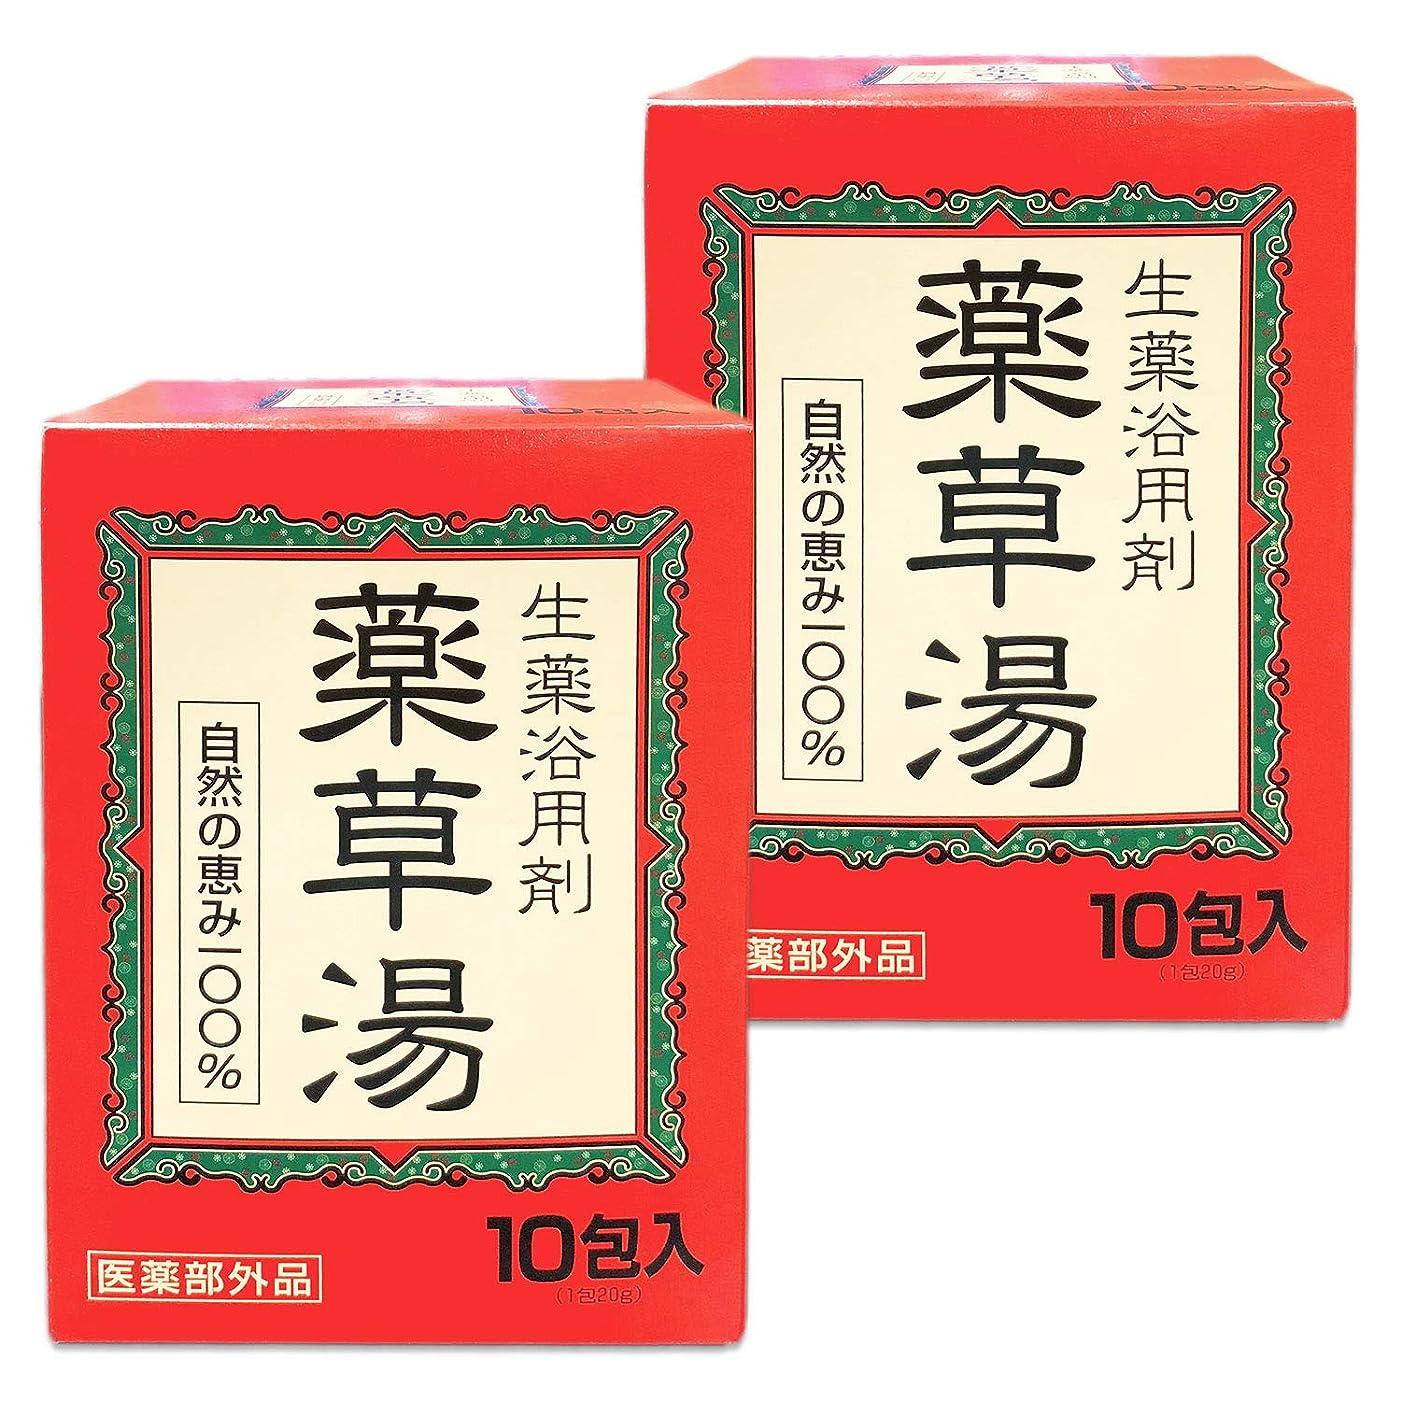 メディカル研究有用【まとめ買い】 薬草湯 生薬浴用剤 10包入×2個 自然のめぐみ100% 医薬部外品